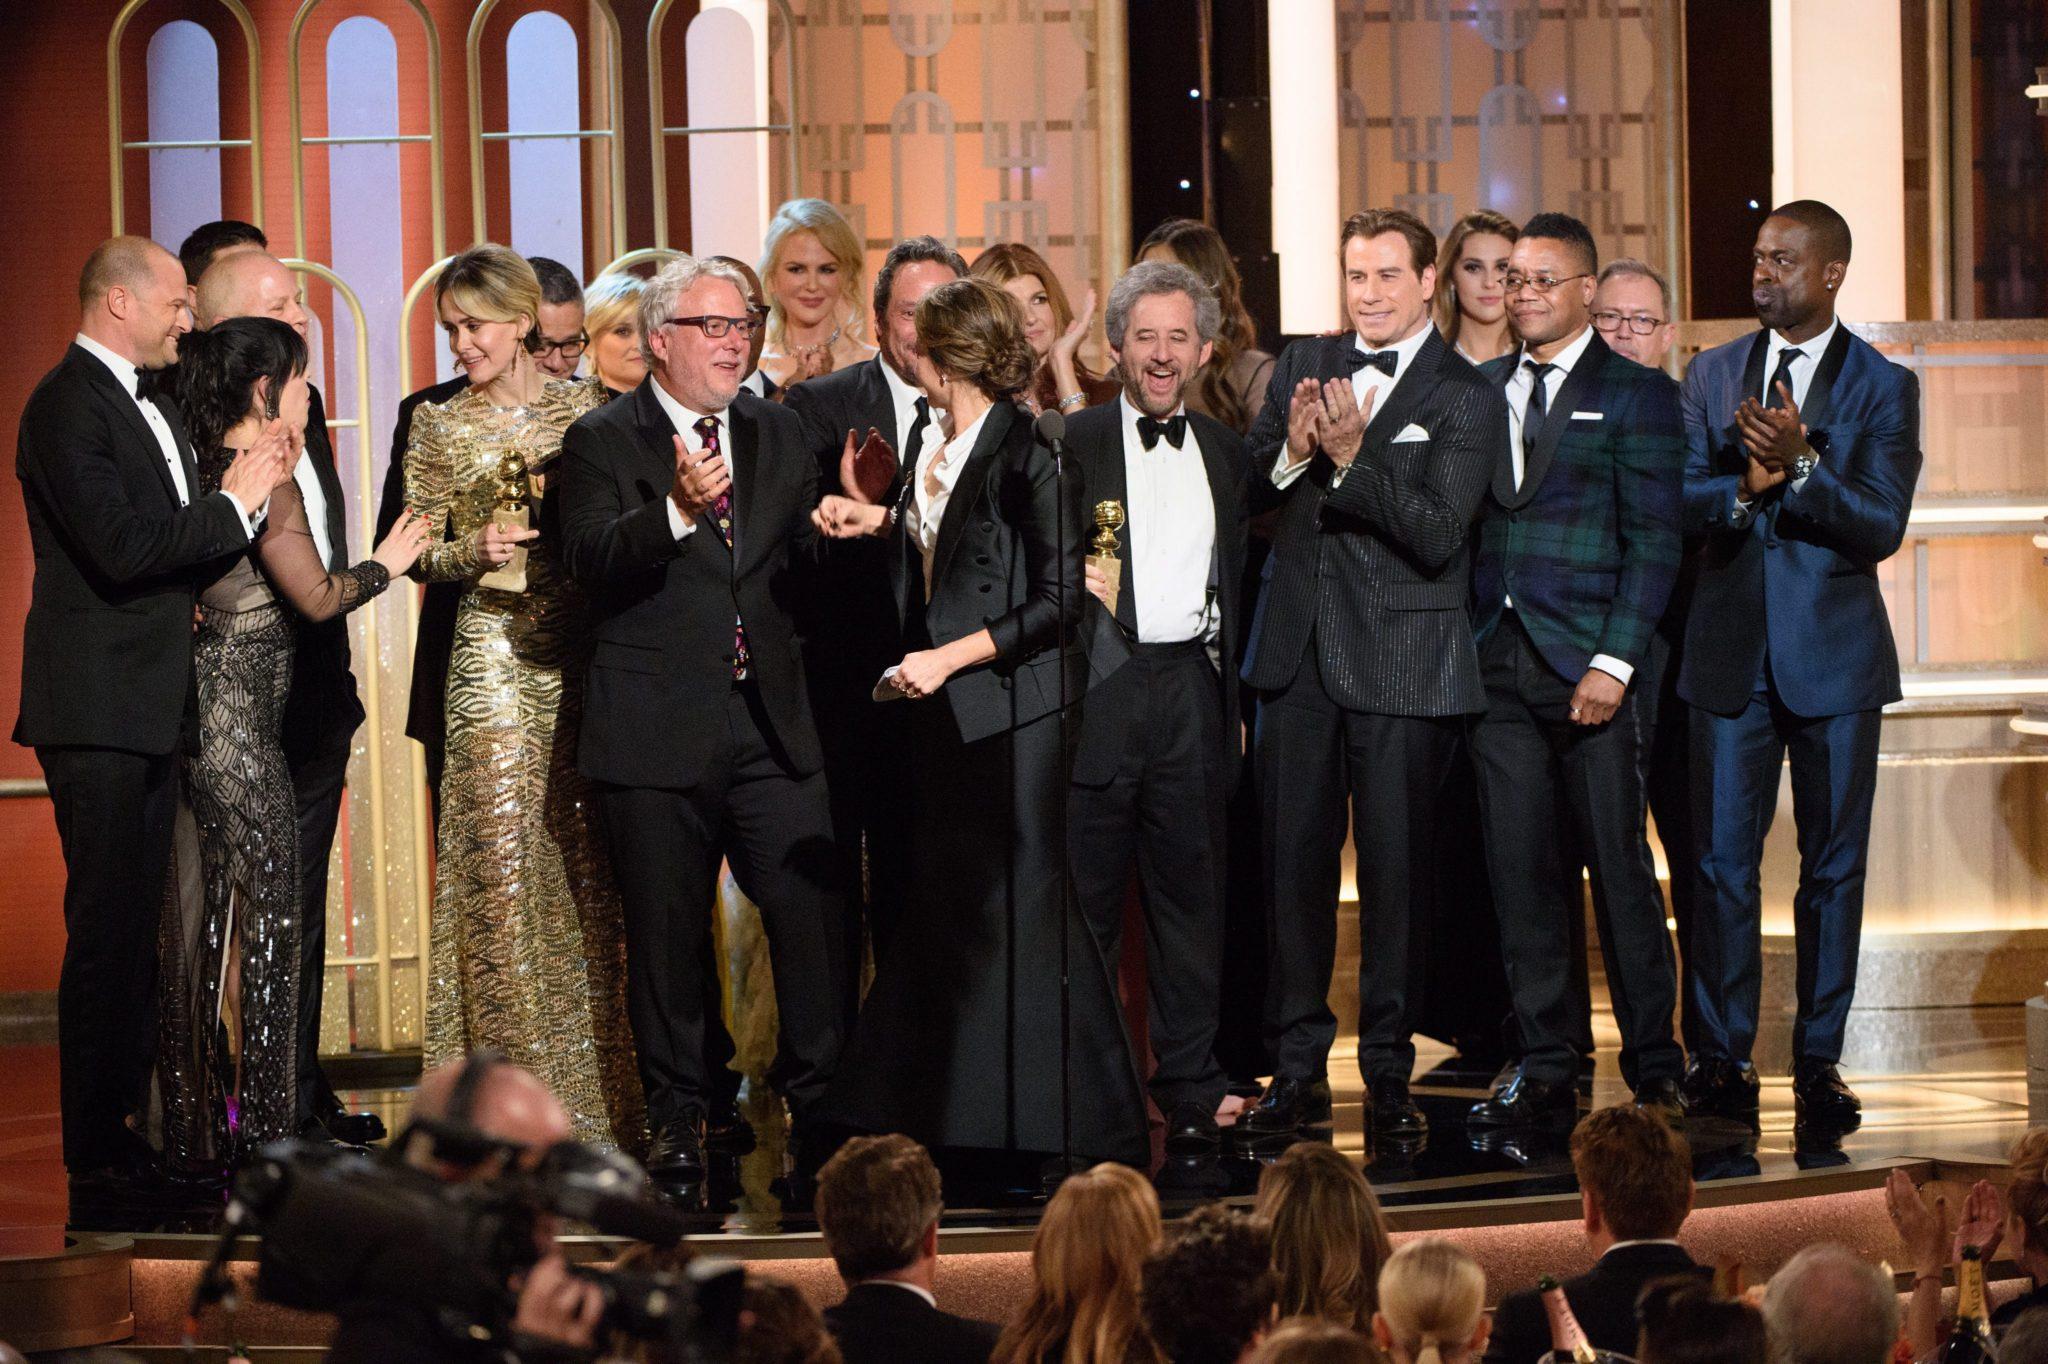 USA: 74 Ceremonia wręczenia Złotych Globów w Beverly Hills (foto. PAP/EPA/HFPA)